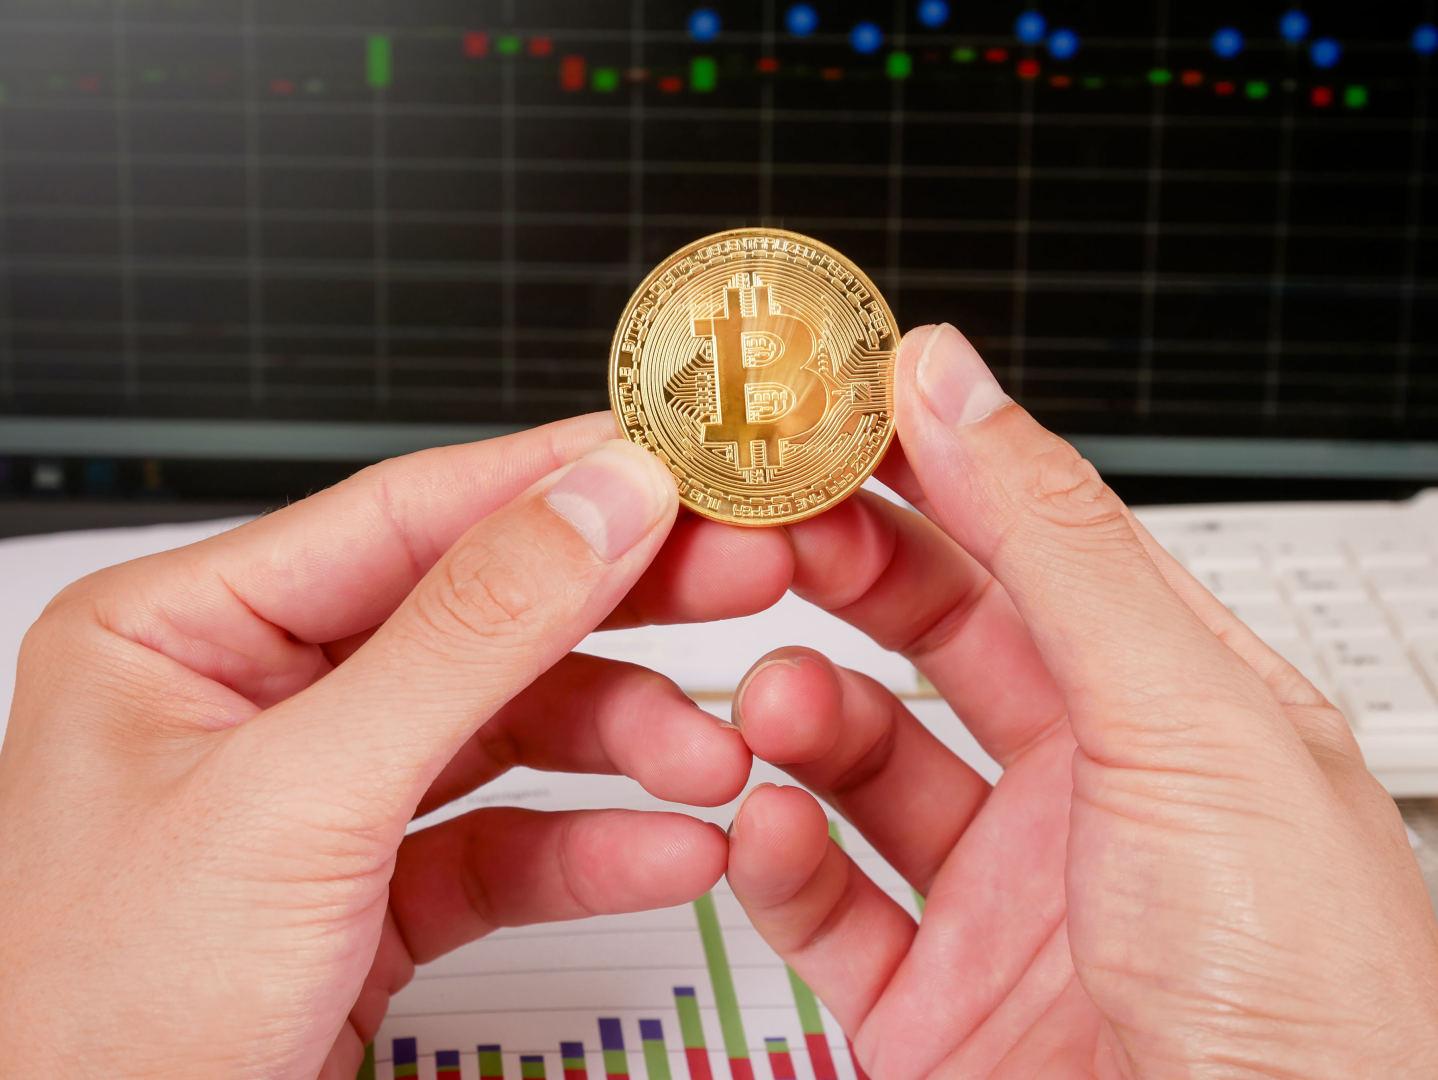 investicinis vienetas uit prekybos sistema registratorius kripto prekybos